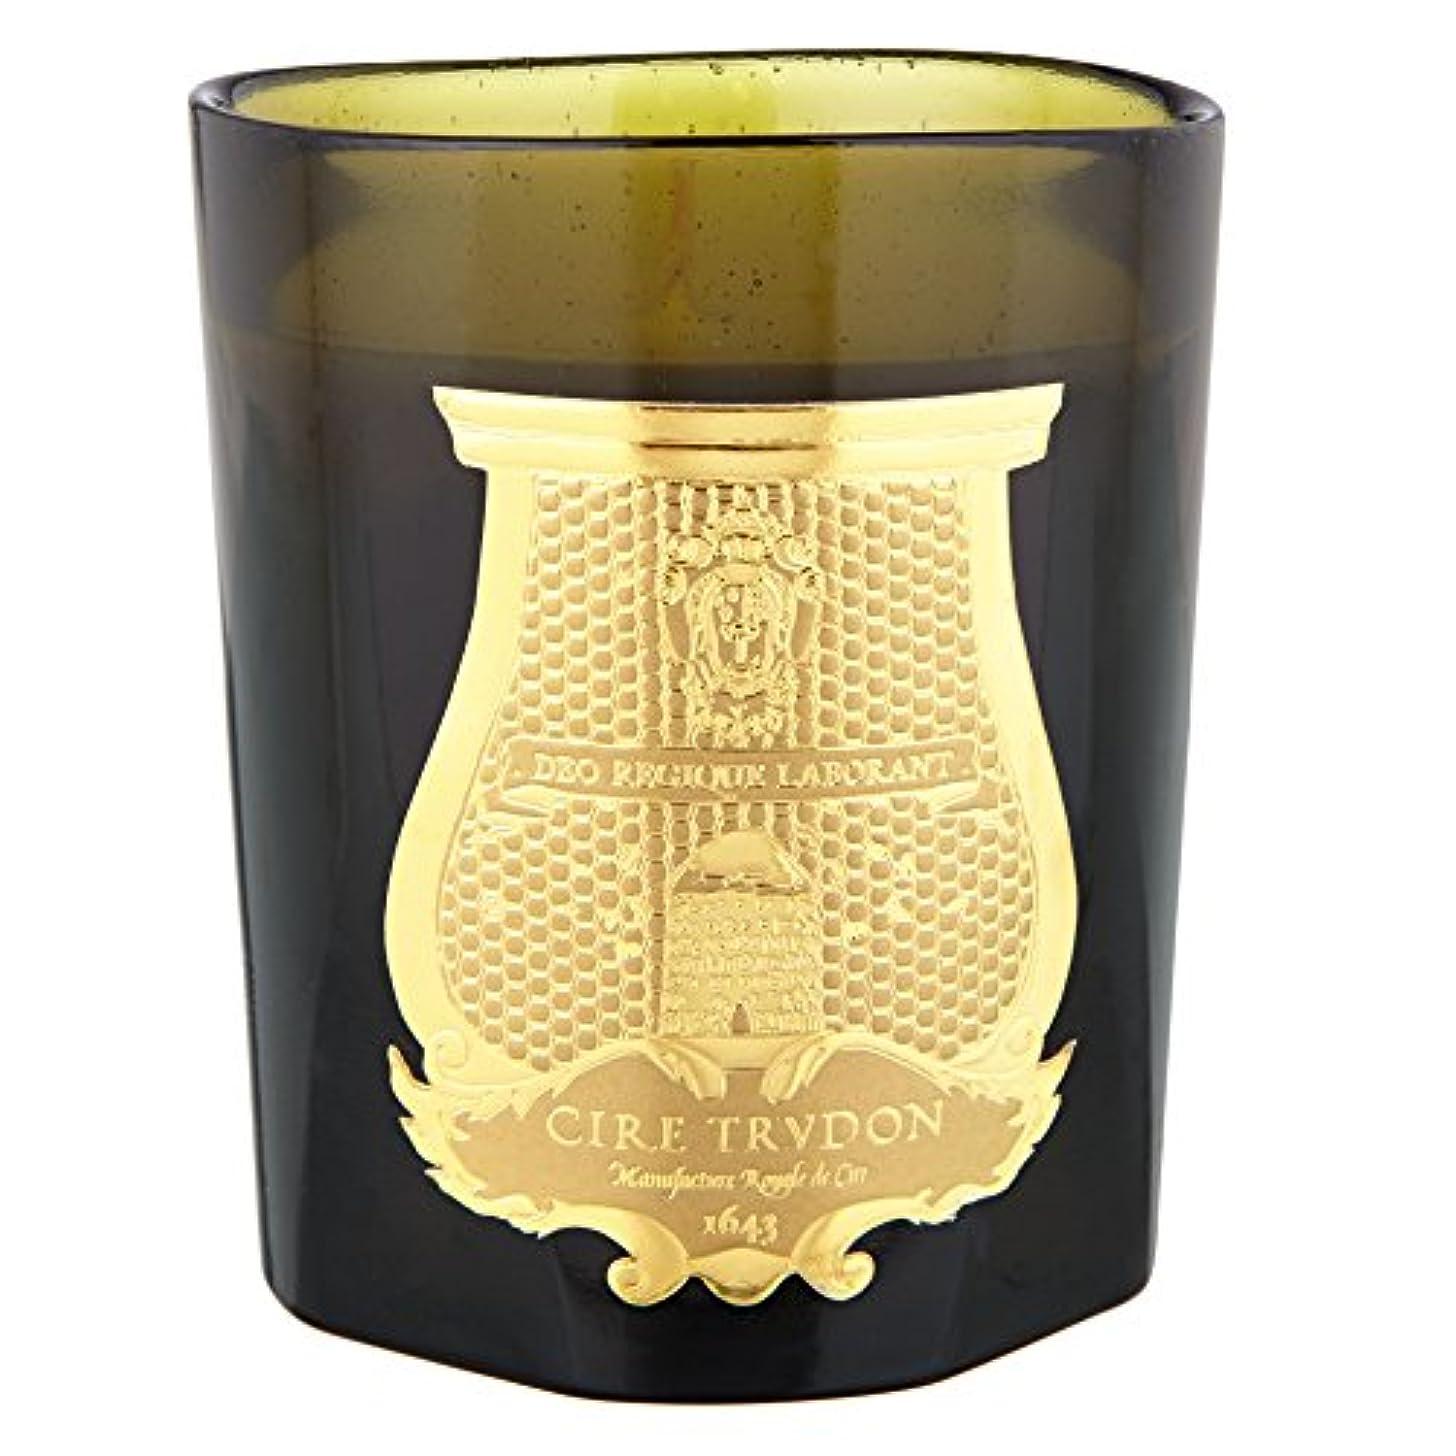 罹患率批評可愛いCire Trudon La Marquise Scented Candle (Pack of 2) - Cire Trudonラマーキス香りのキャンドル (Cire Trudon) (x2) [並行輸入品]